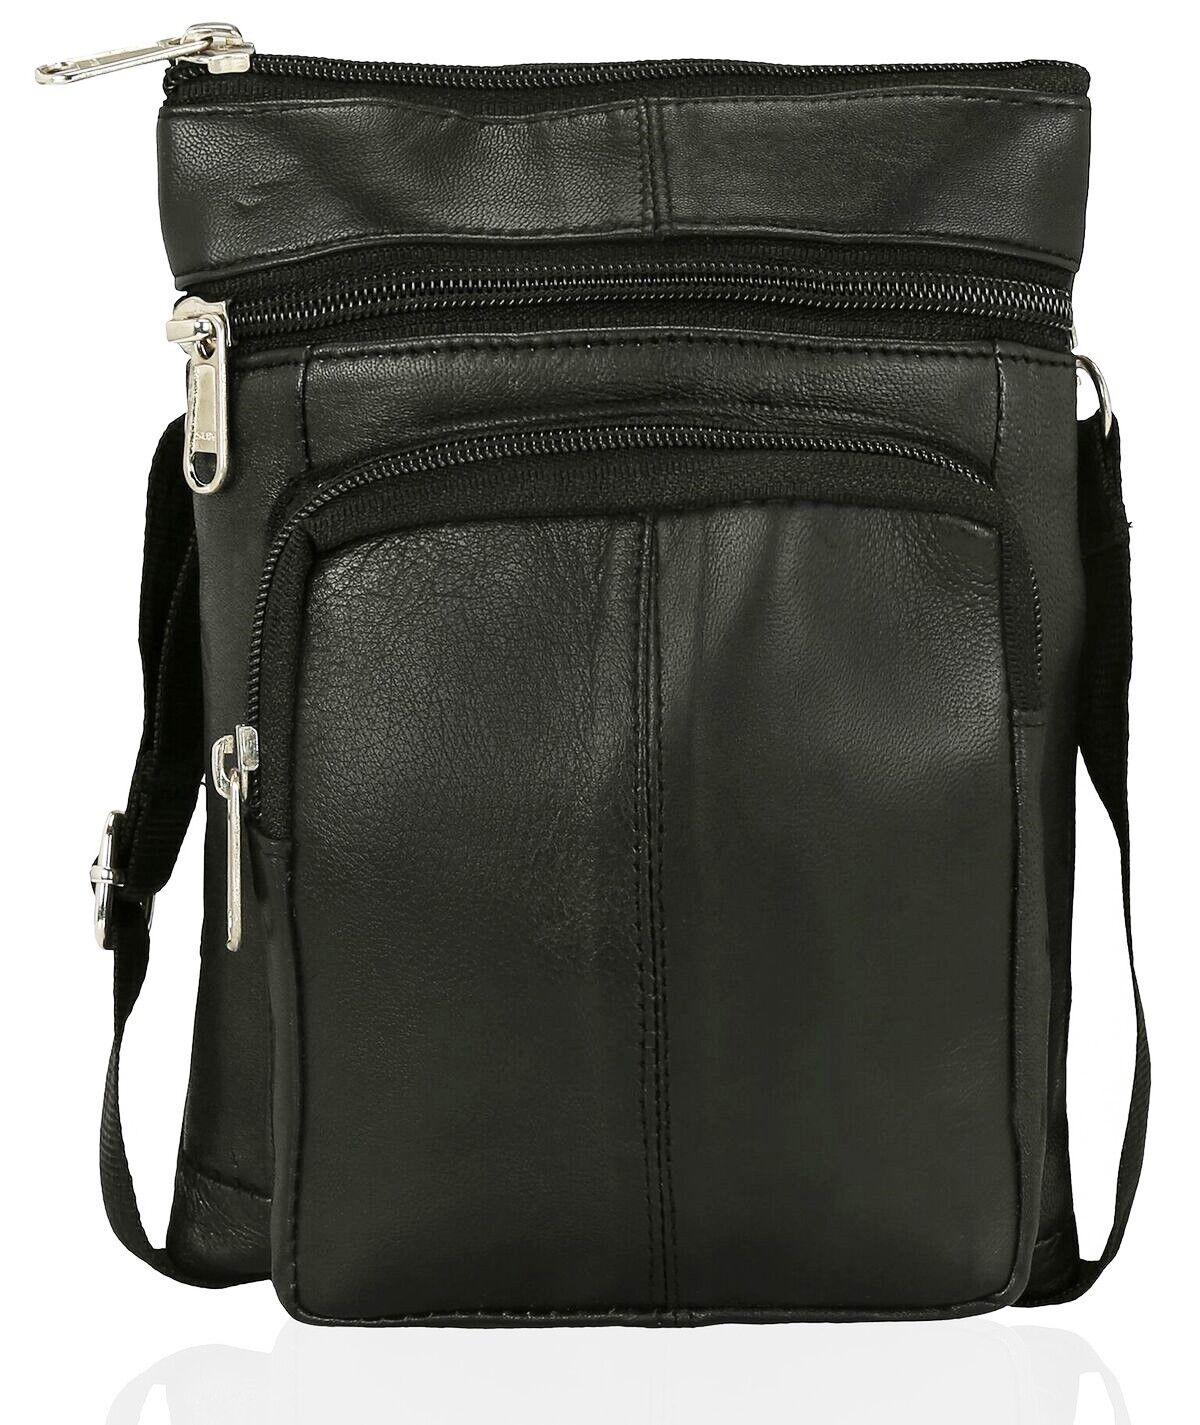 Travel Leather Tote Cross Body Bum Bag money money Bag pack Holiday Festival MONEY Pochette 3e9436